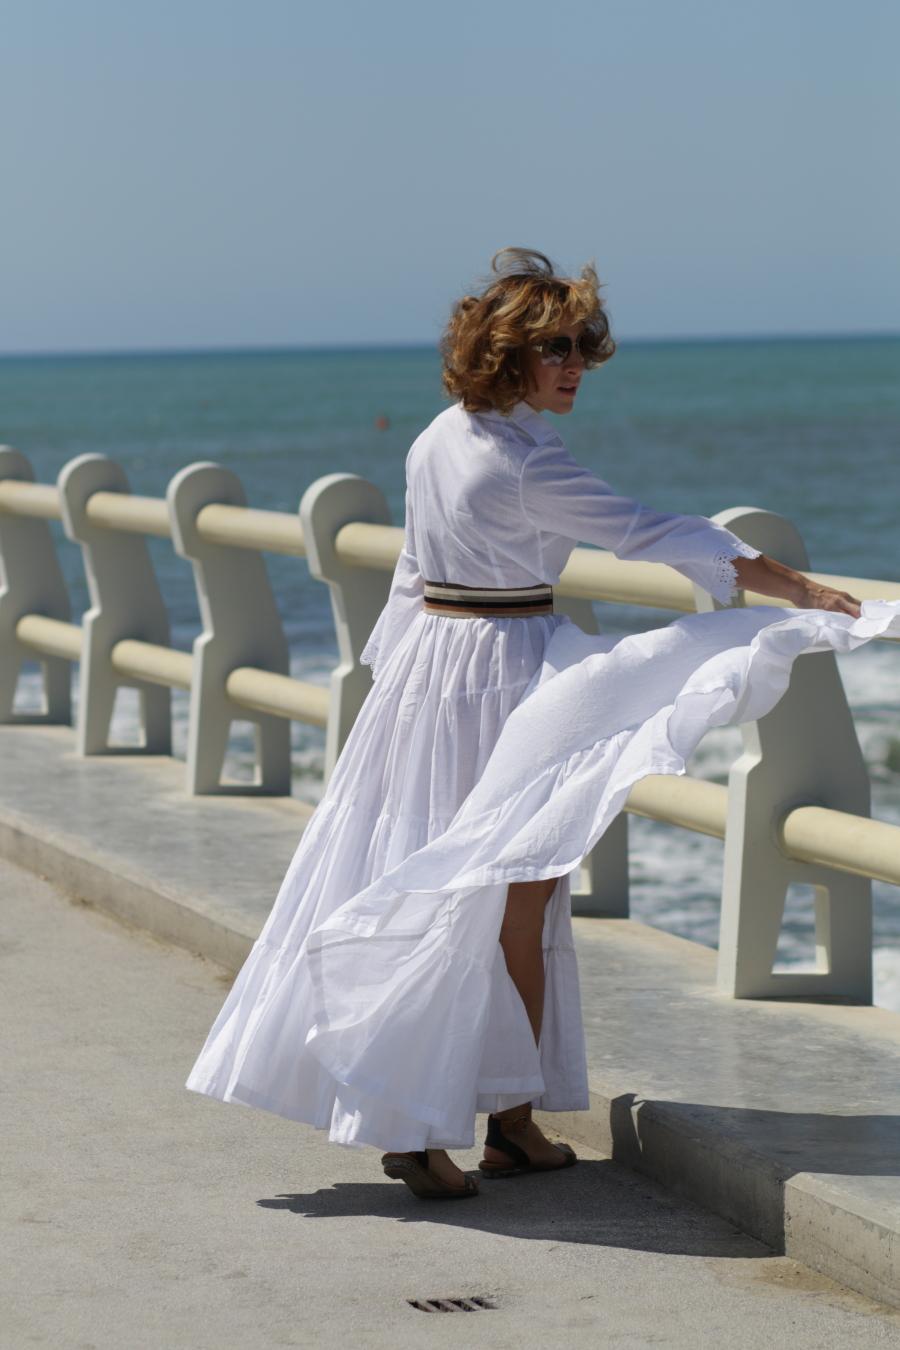 l'abito-chemisier-The-Italian-Glam-fashion-blogger